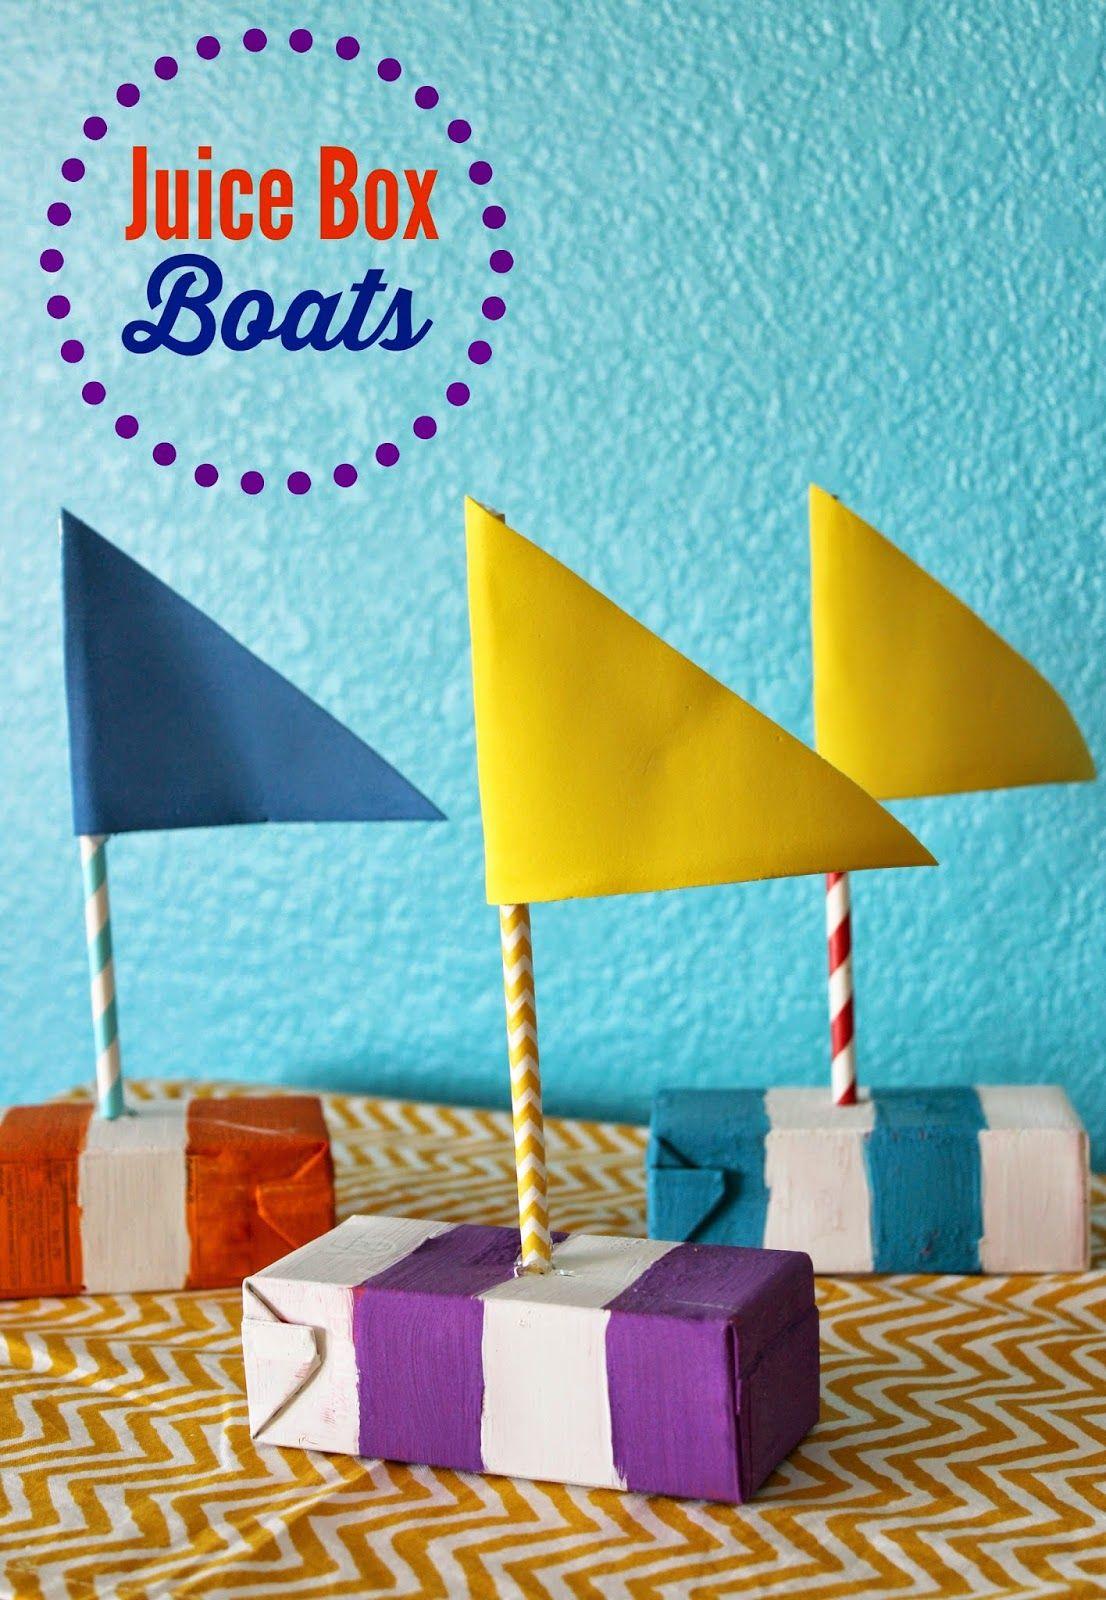 Juice Box Boats